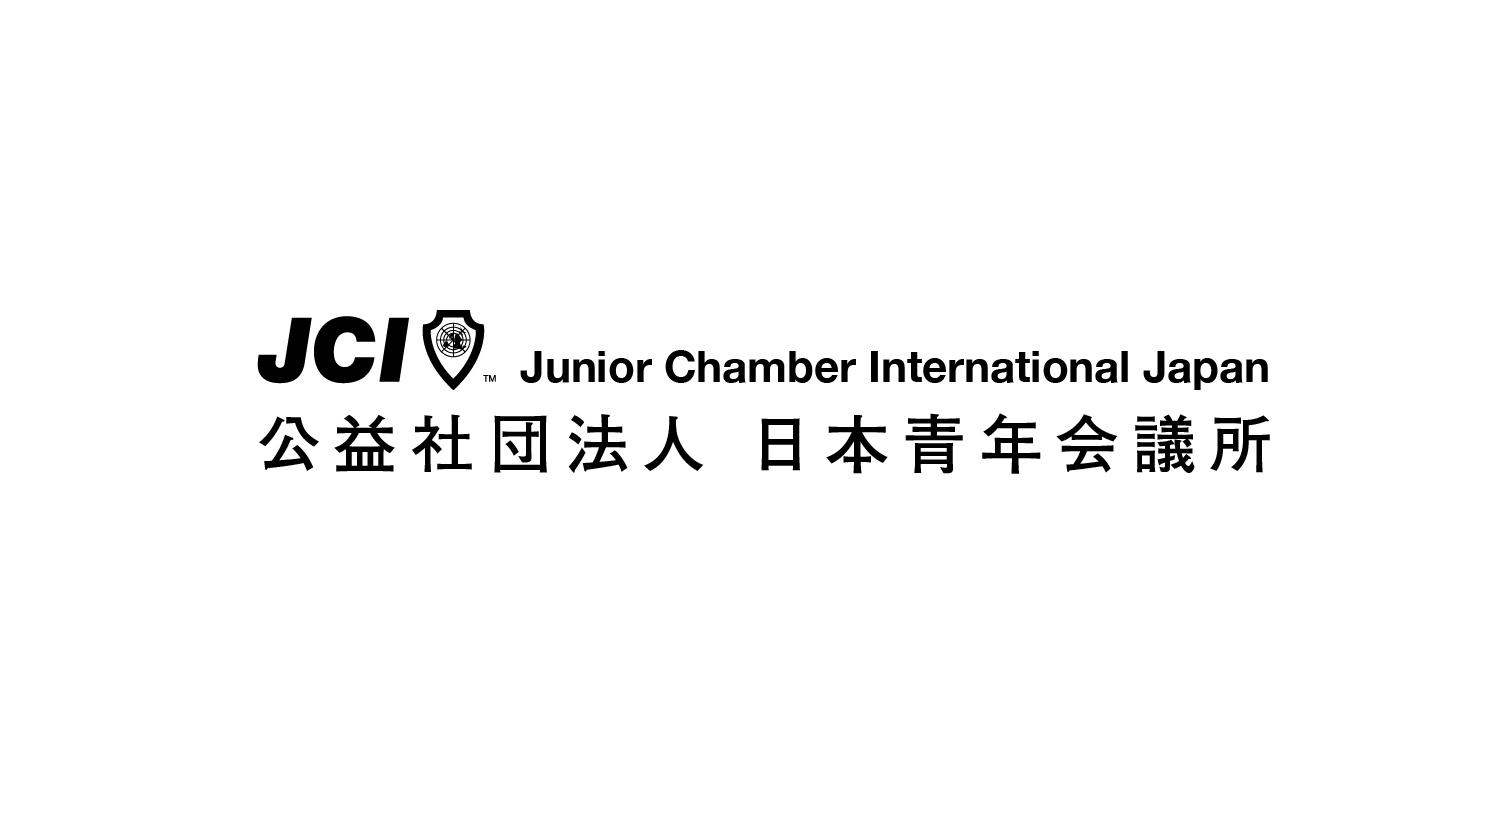 JCI-013黒